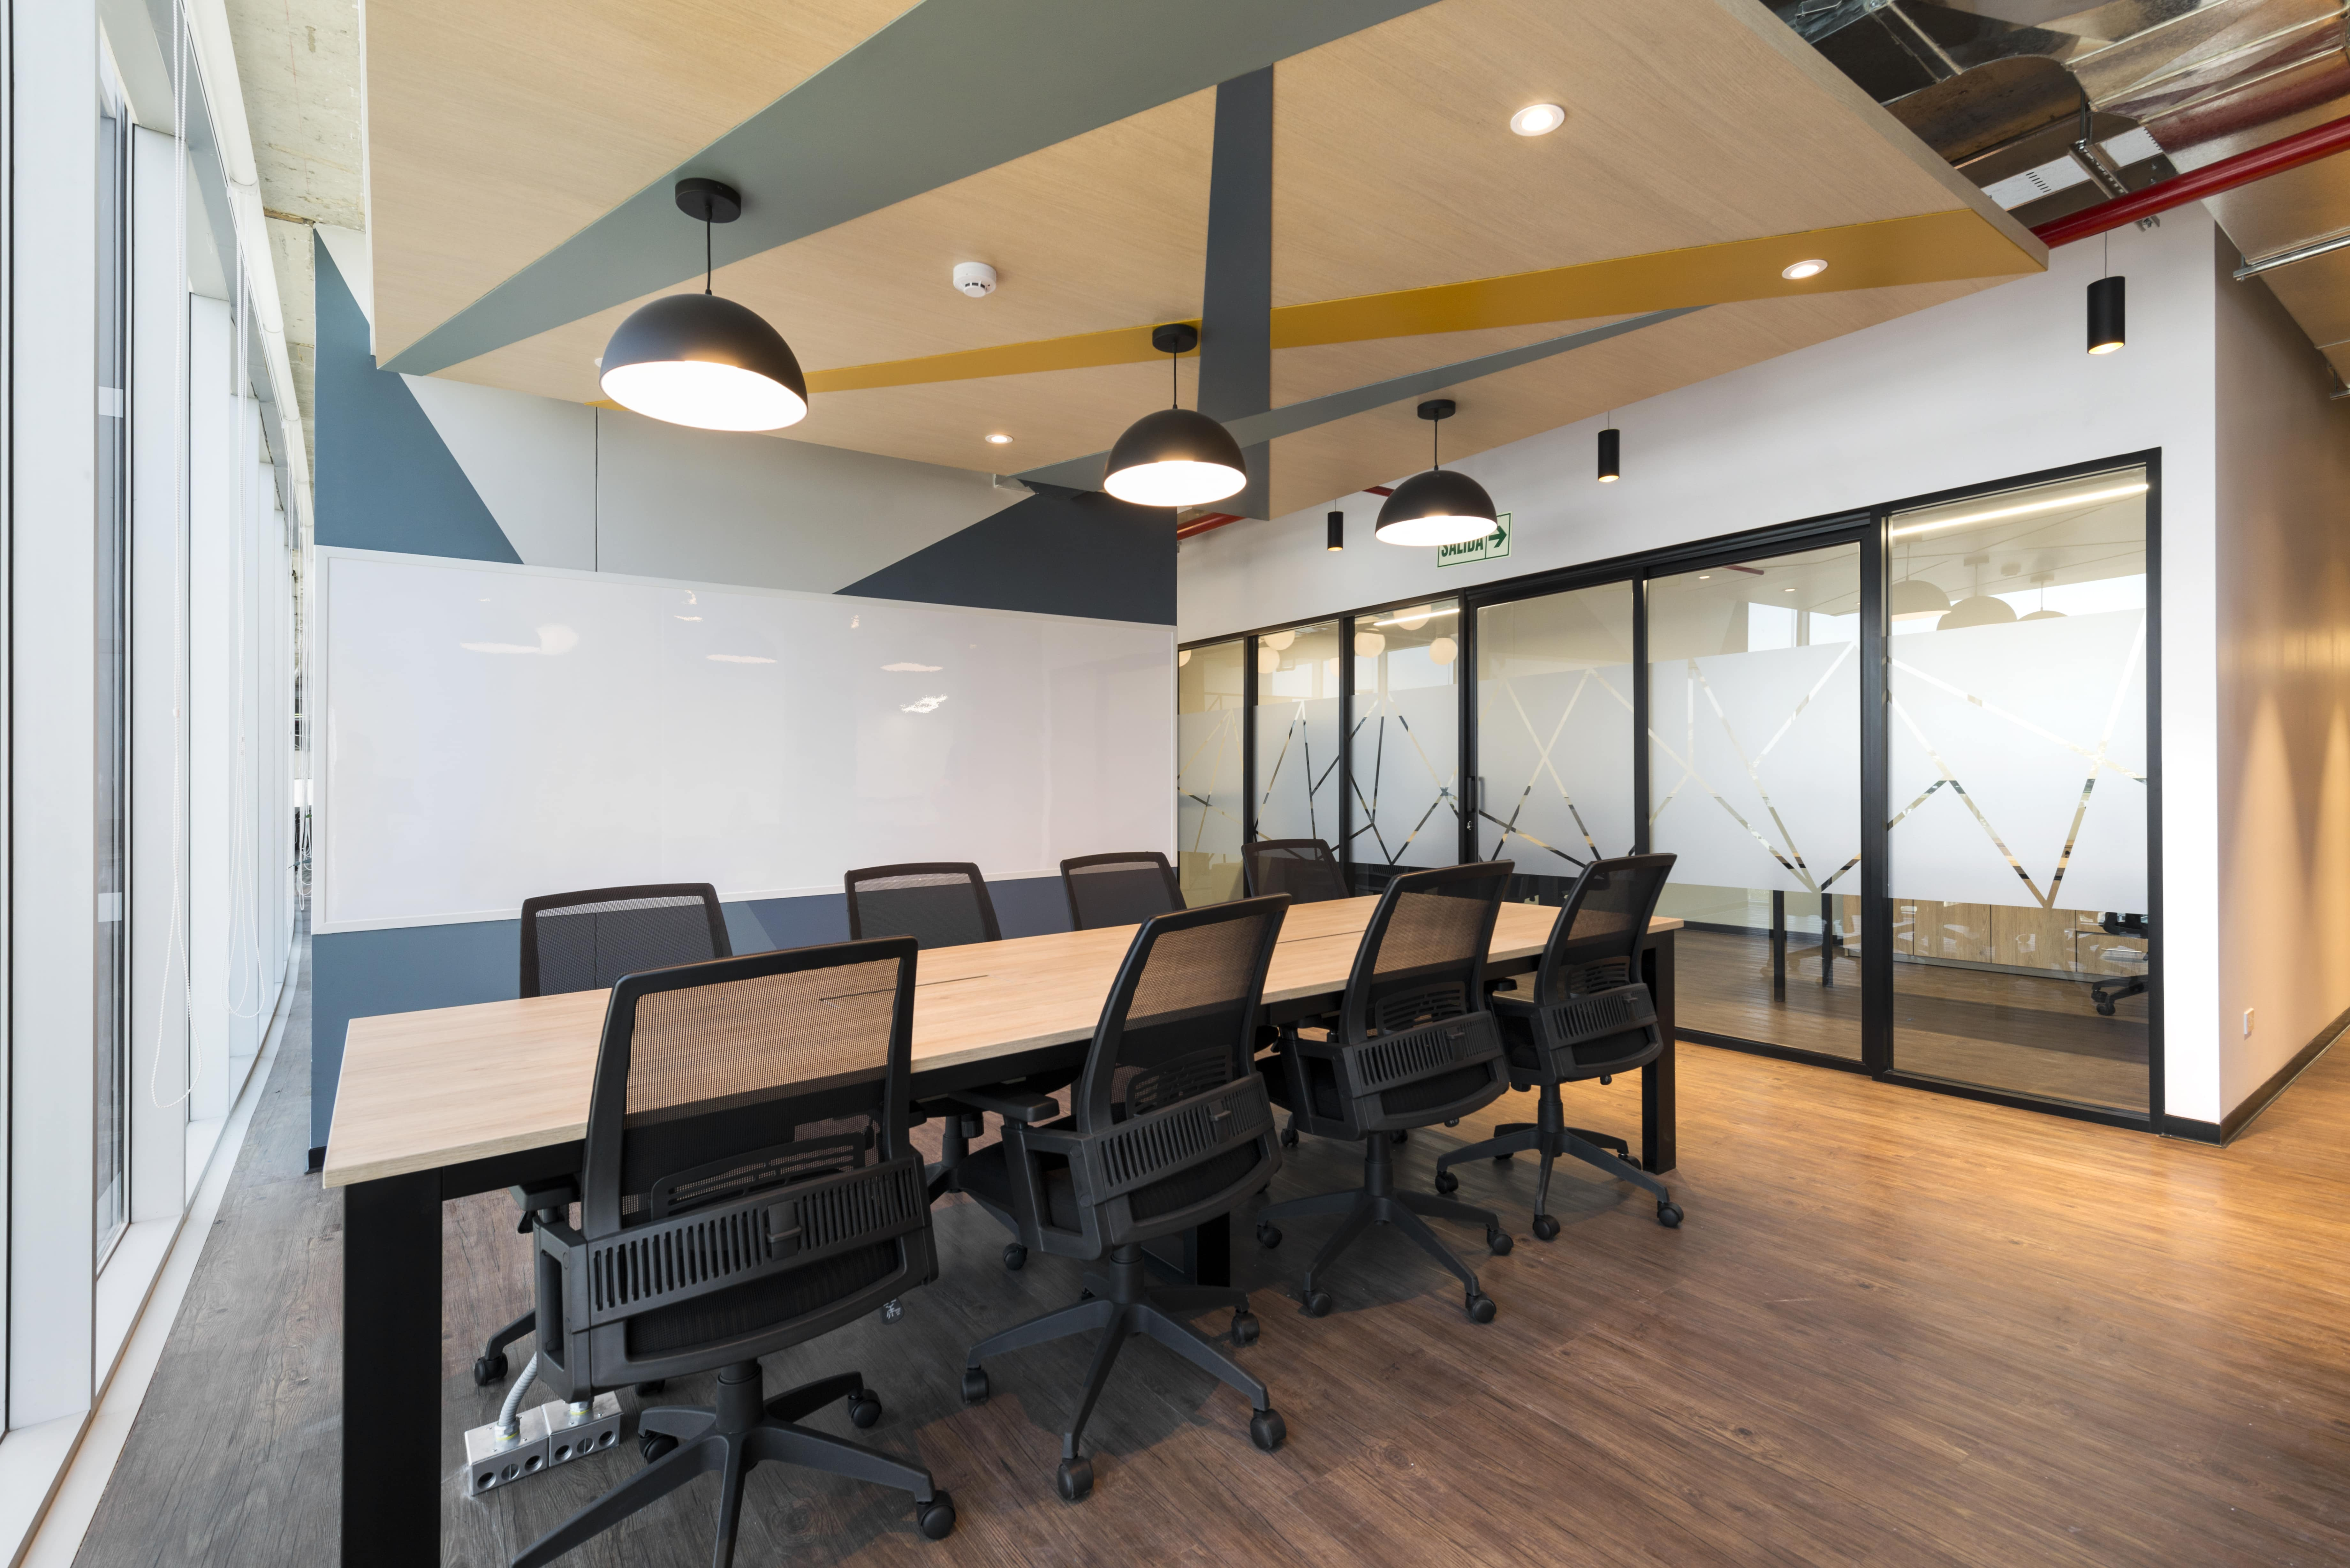 oficinas flexibles con diseño personalizado